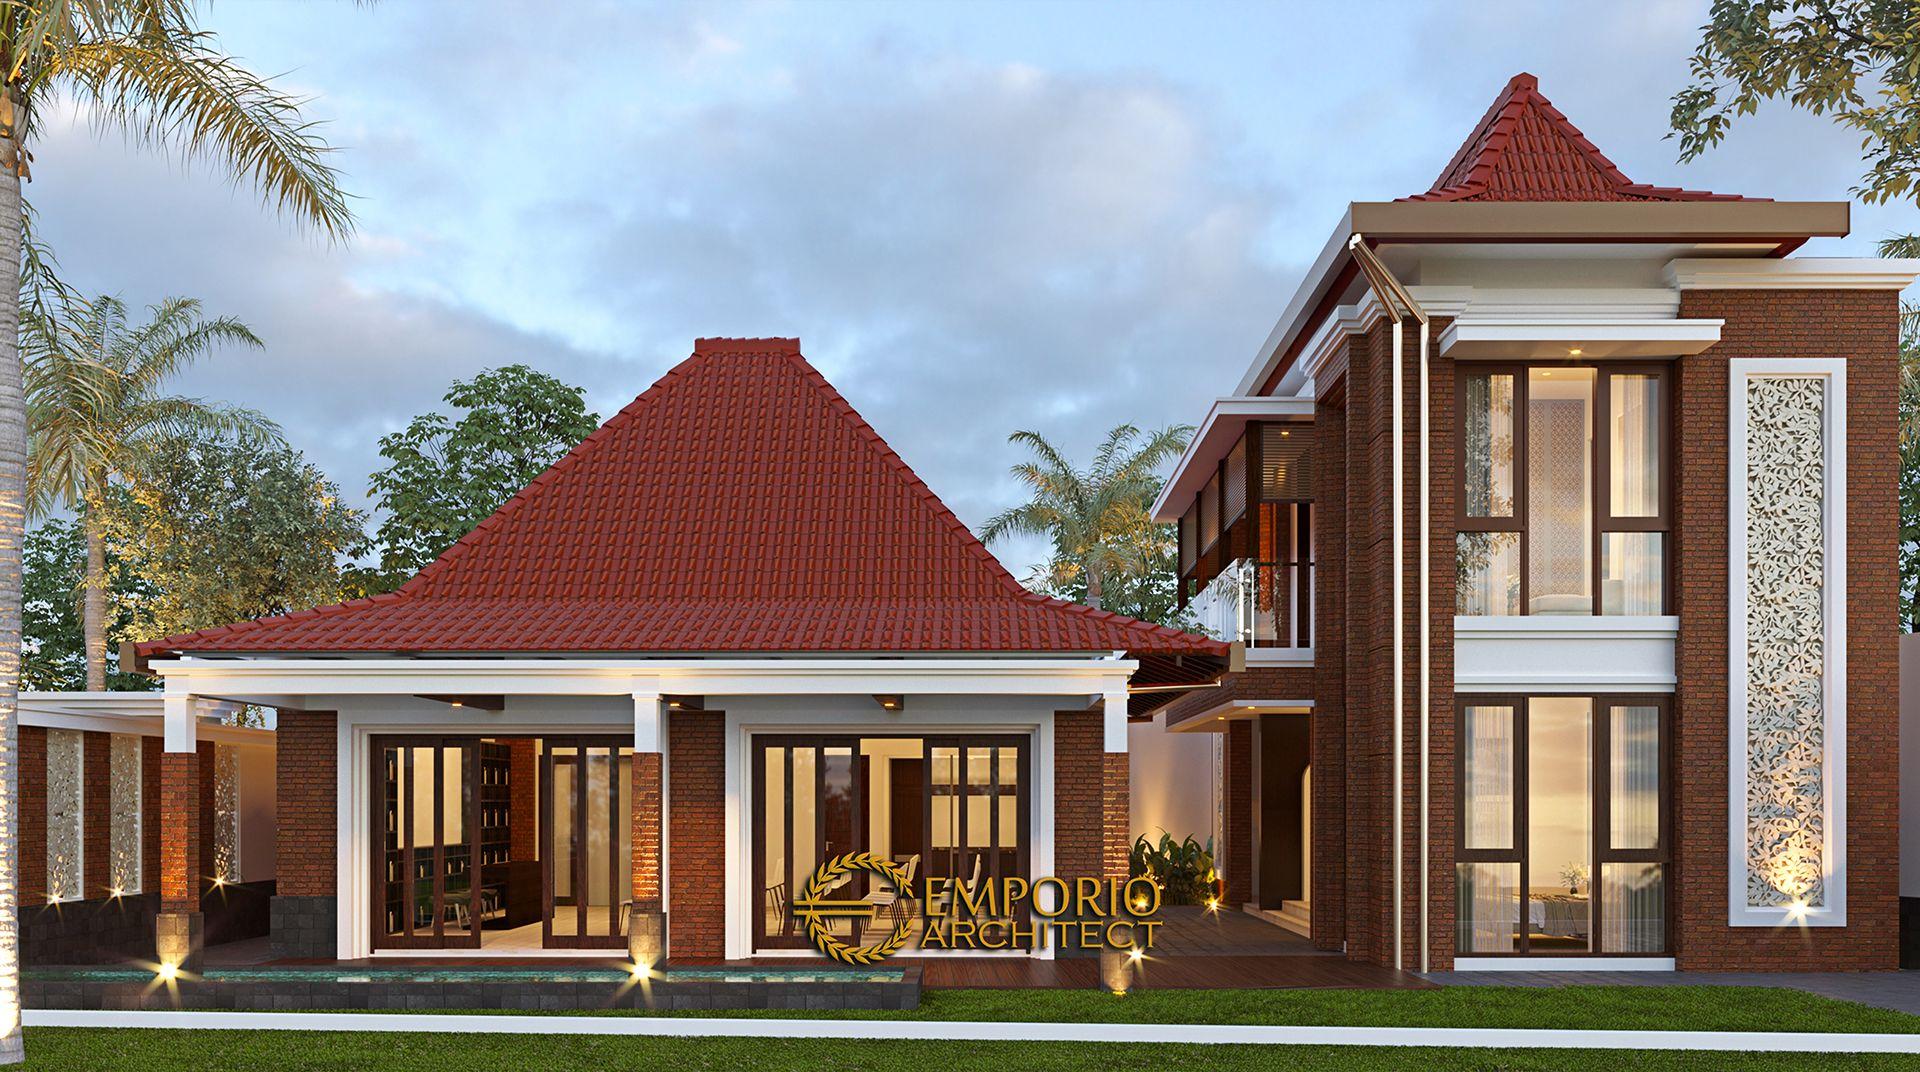 Desain Pendopo Klasik Jawa 2 Lantai Bapak Erwin Di Cibubur Jakarta Timur Di 2021 Arsitek Desain Rumah Modern Desain Rumah